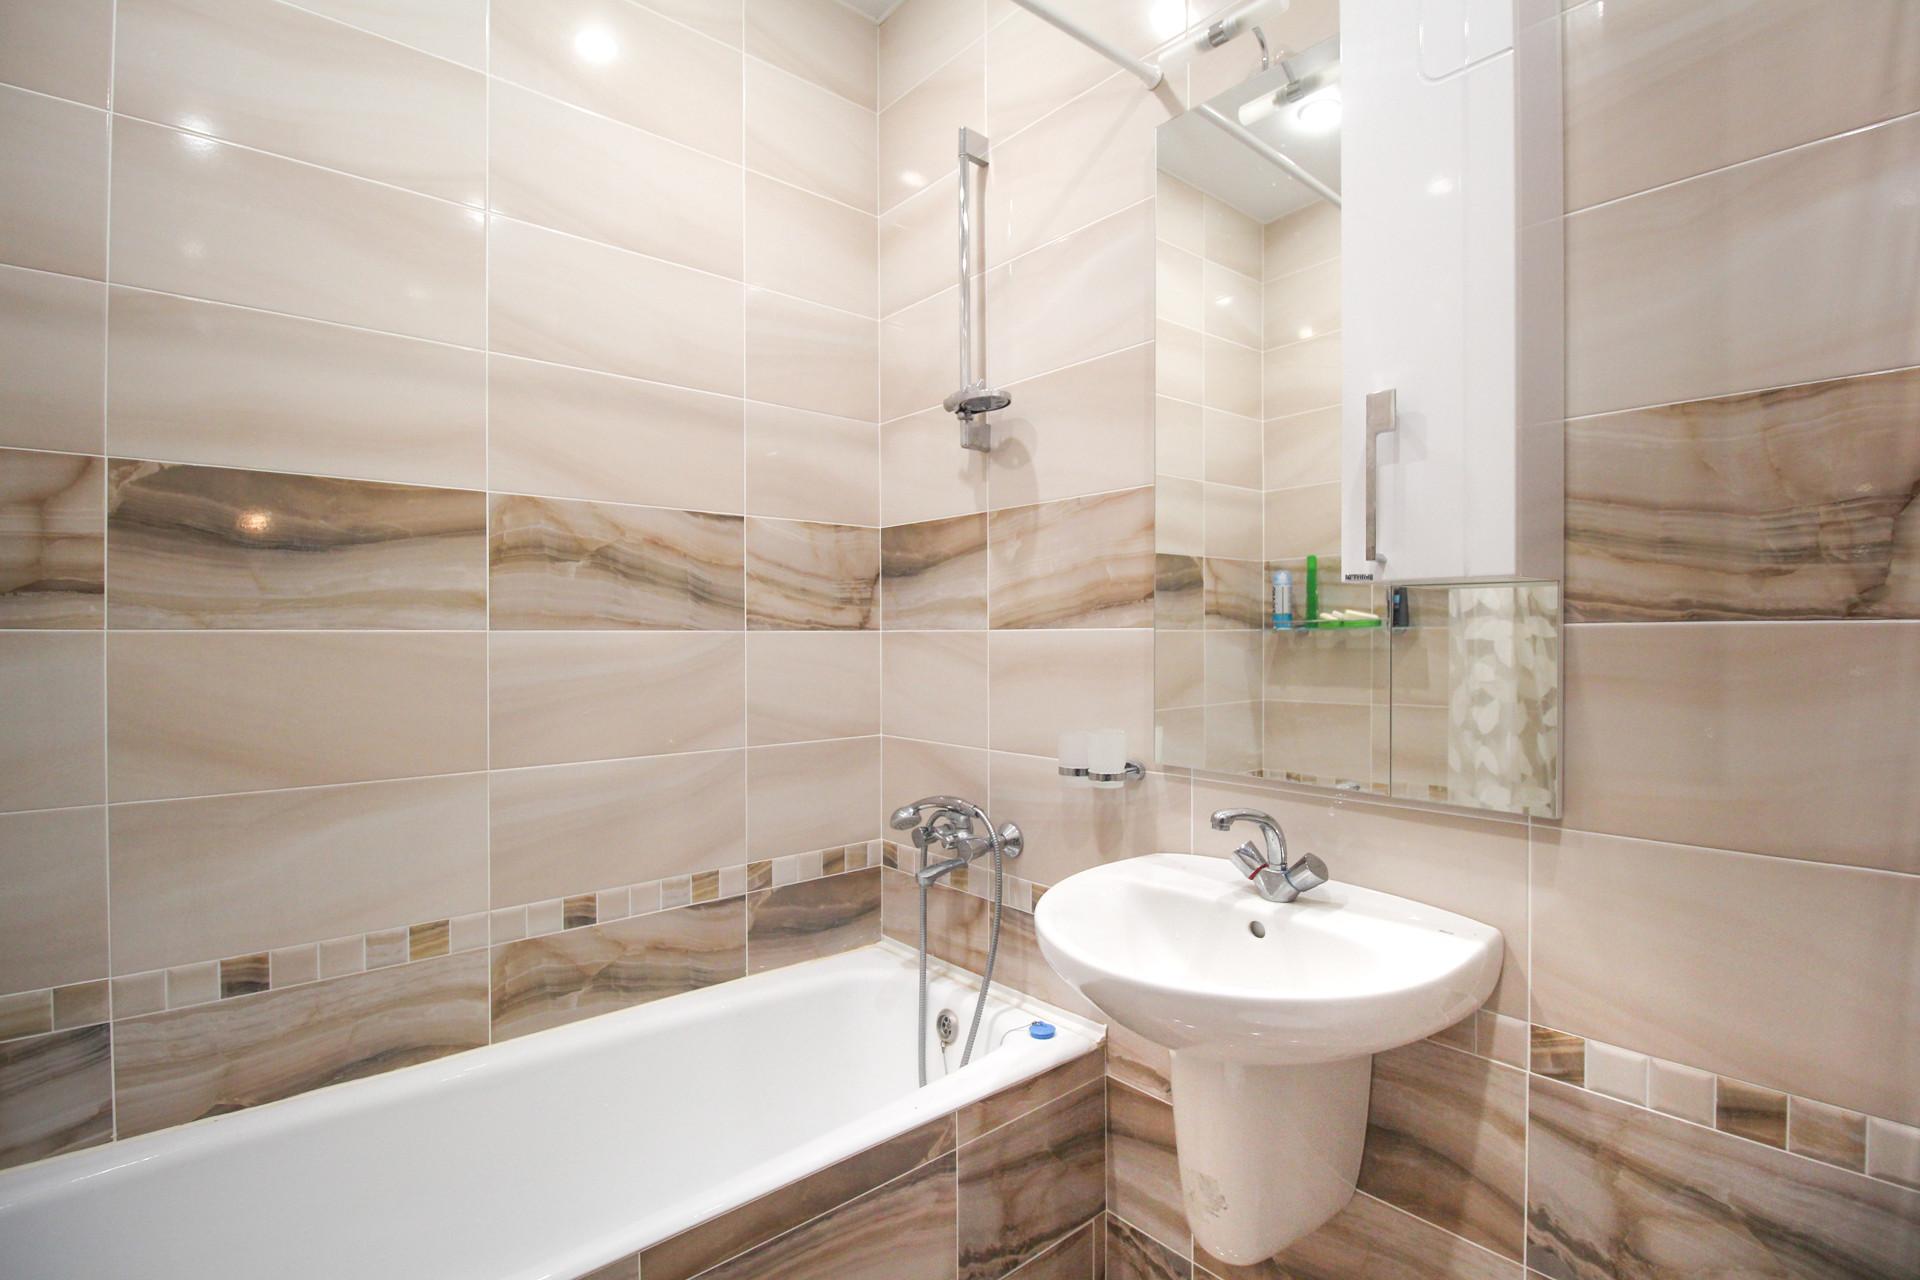 Ремонт ванной комнаты геленджик купить смеситель для ванны с лейкой